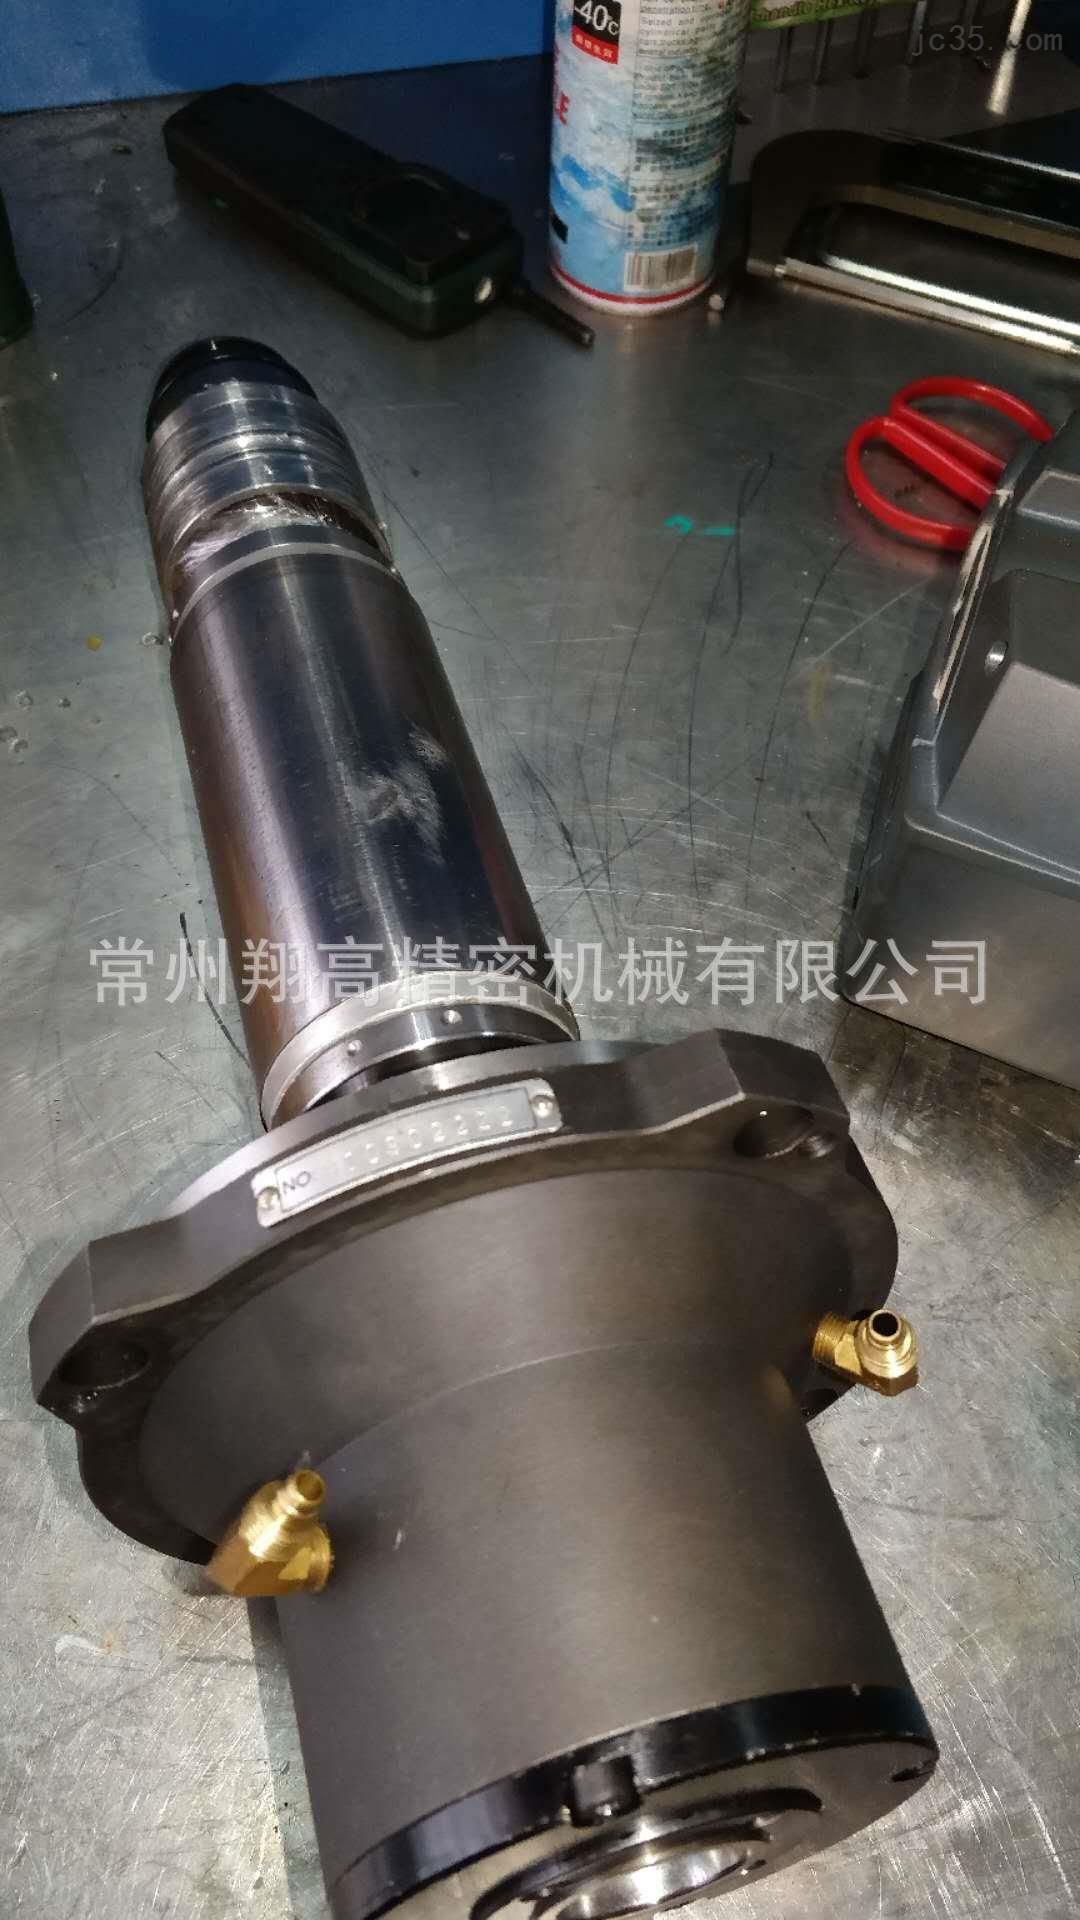 温州维修SK30 18000RPM中国台湾木工主轴